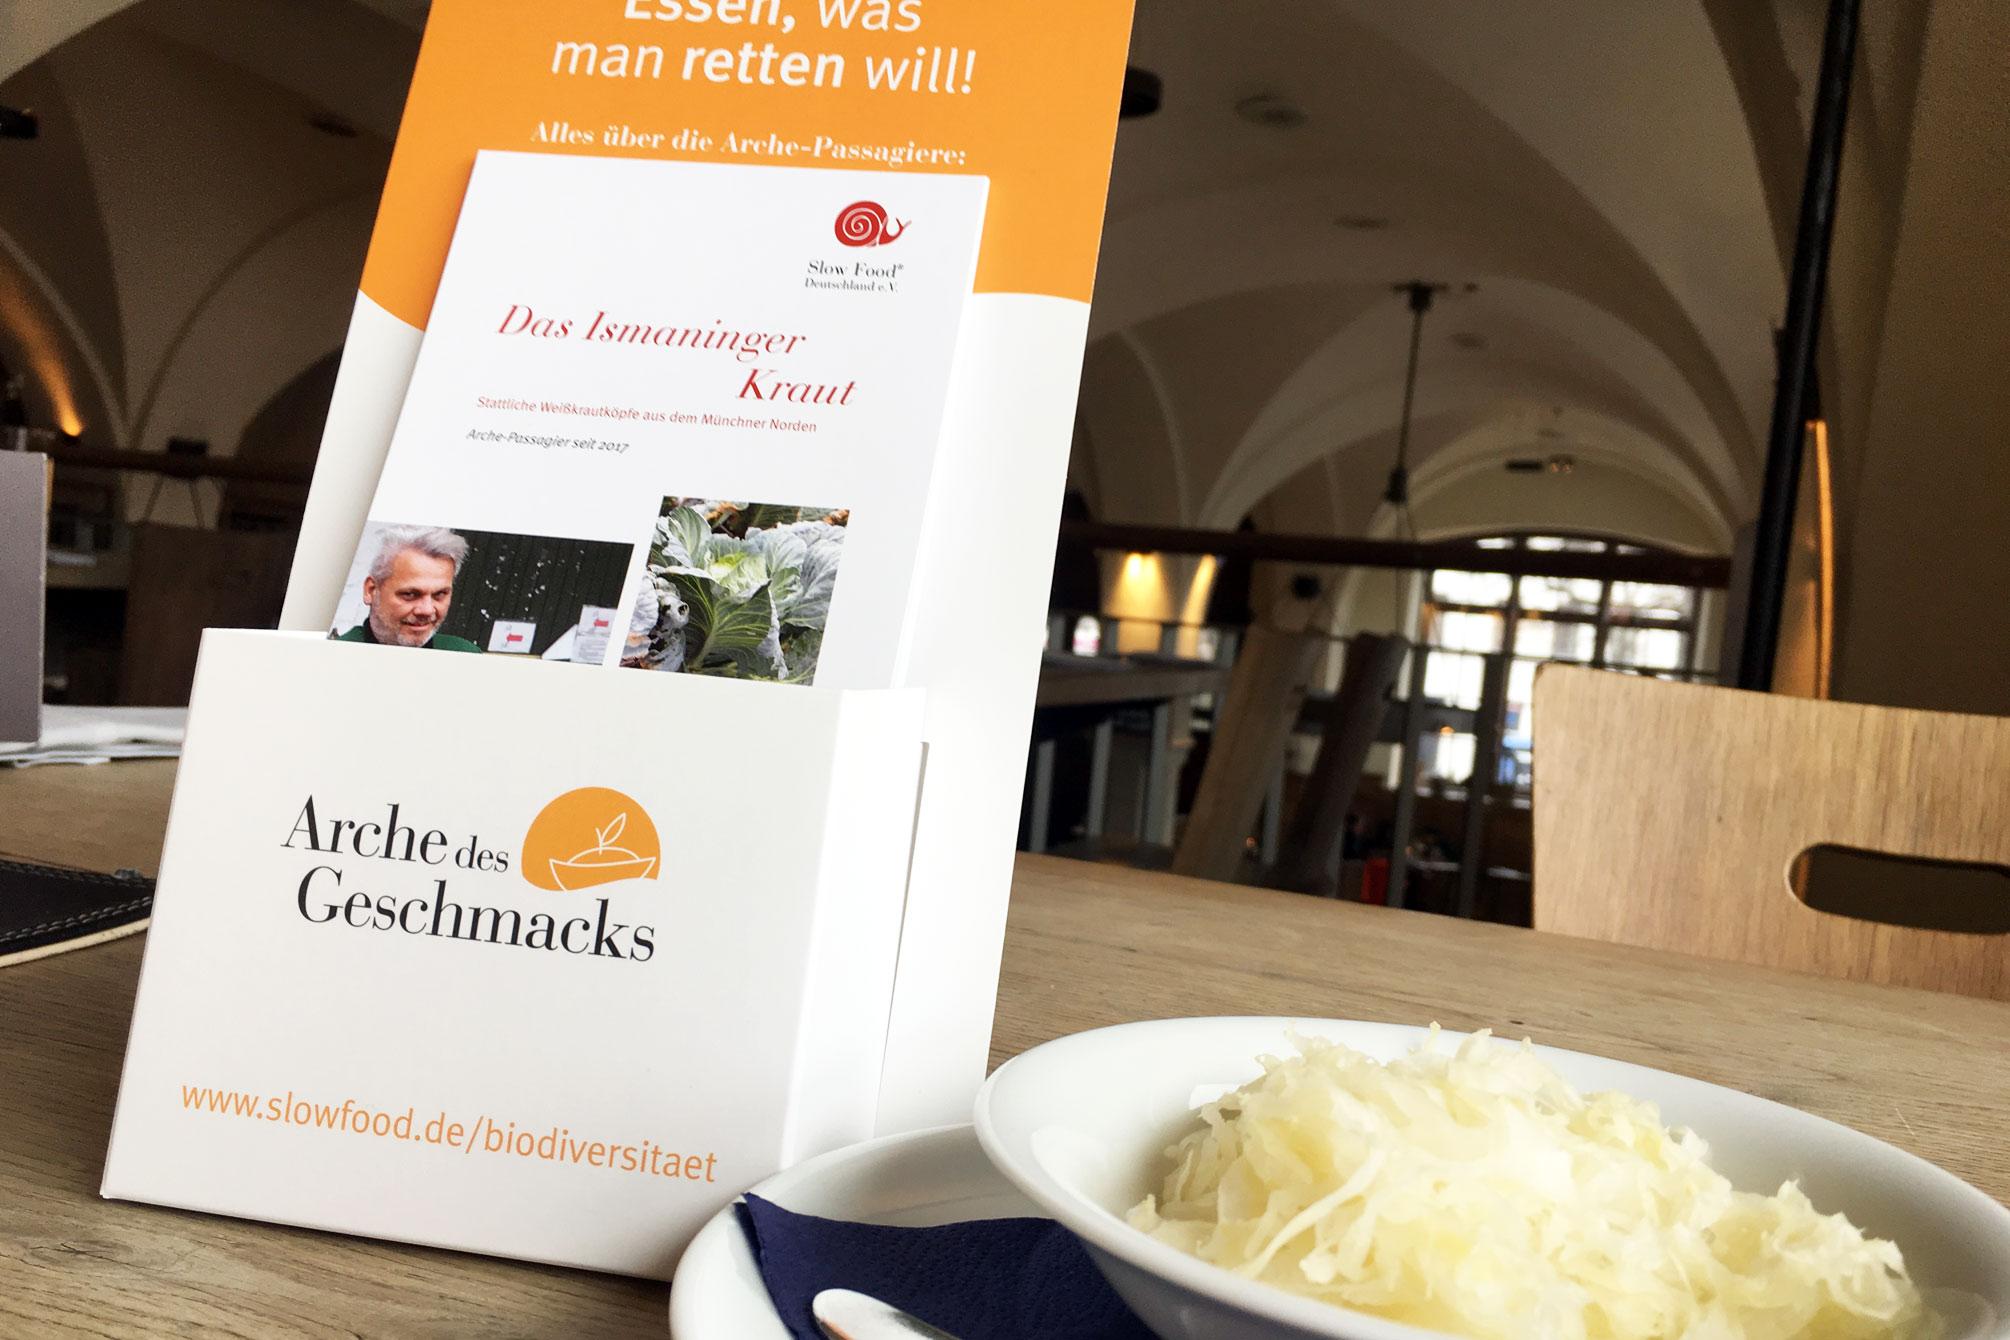 Arche-Passagier Ismaninger Kraut: Pressekonferenz im Gasthaus Pschorr am Viktualienmarkt